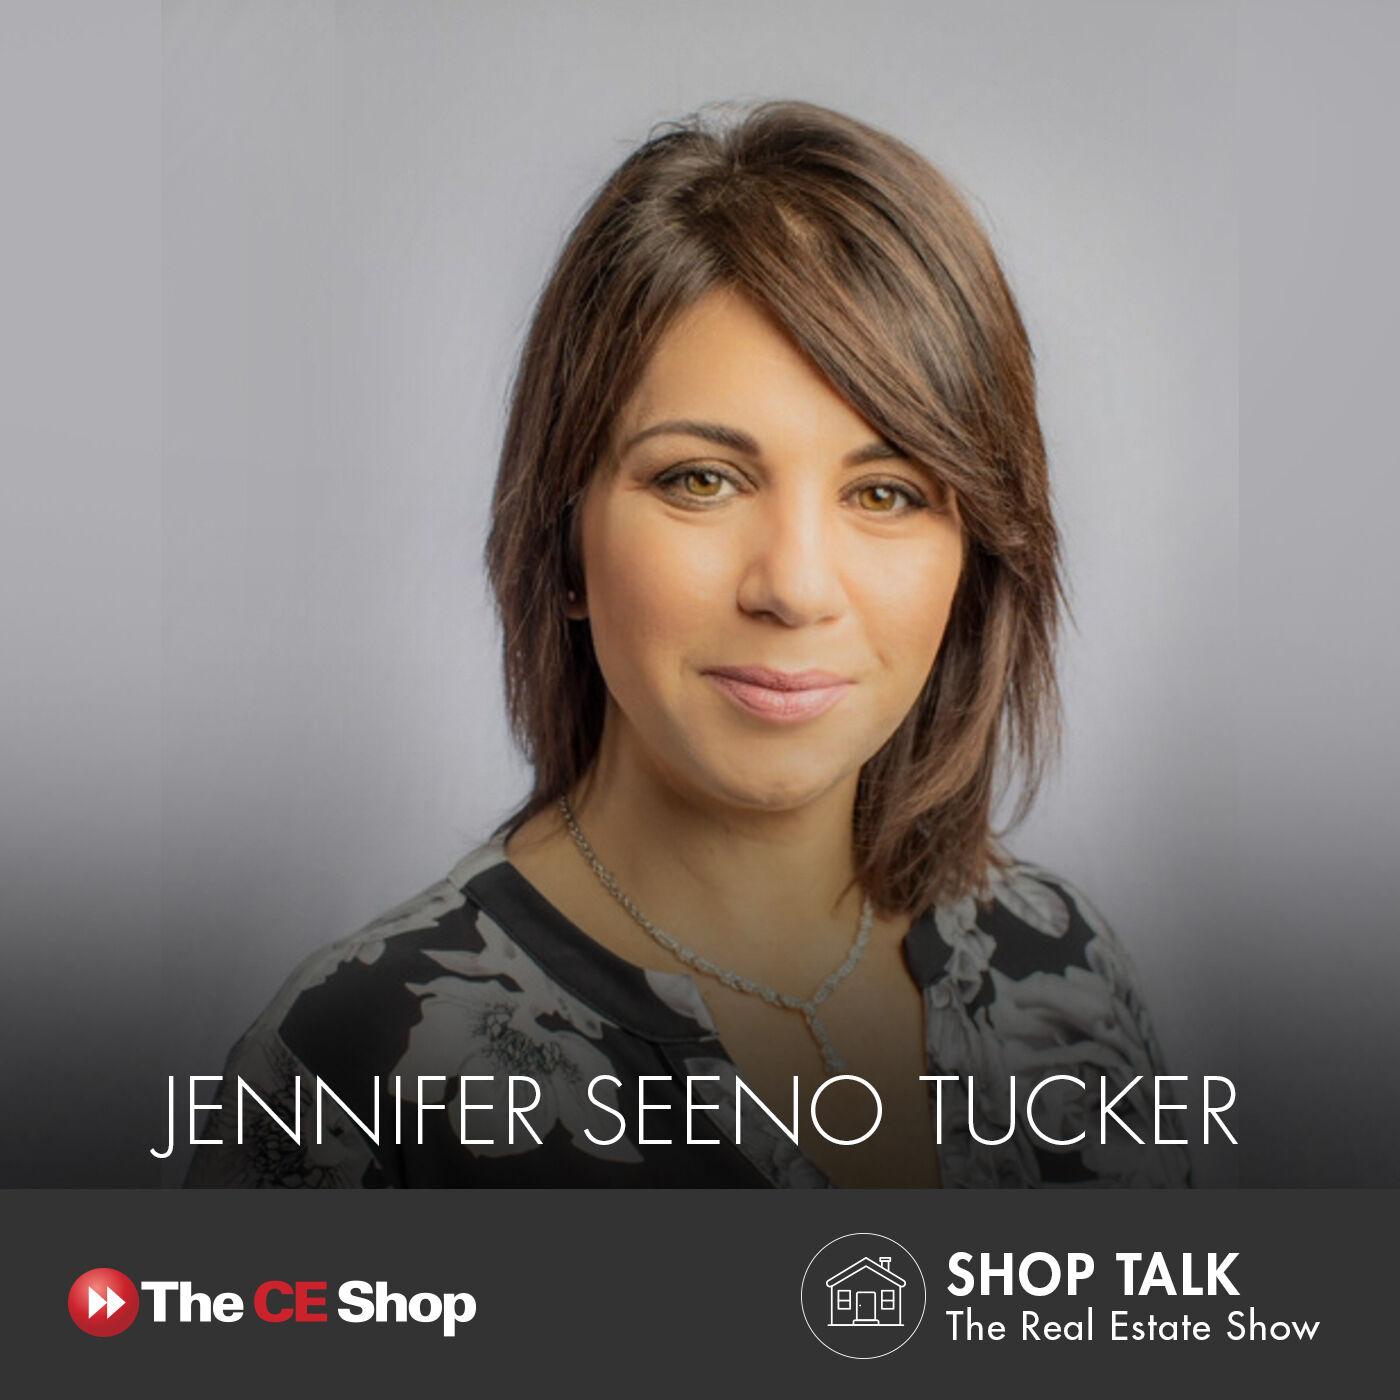 53: Jennifer Seeno Tucker